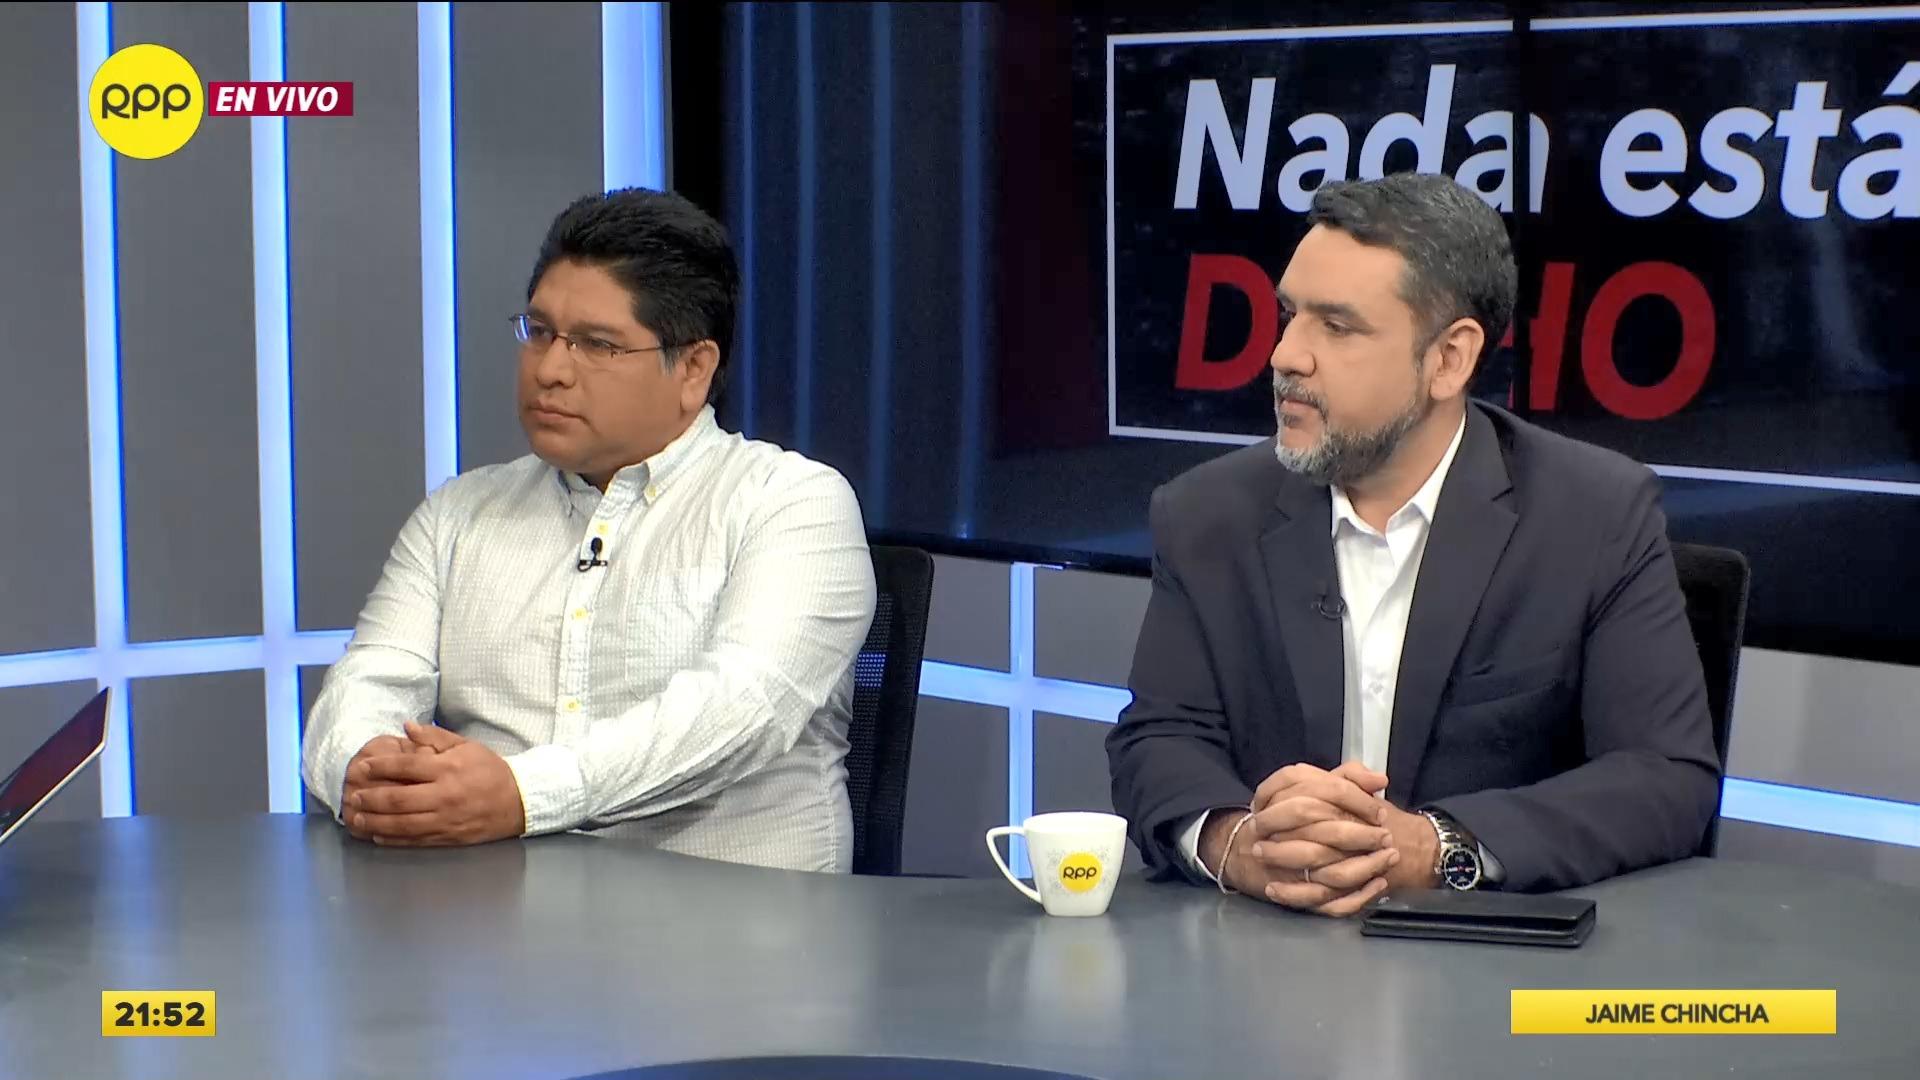 Rennan Espinoza postula con el número 1 por Somos Perú y Javier Altamirano con el número 3 por el Partido Popular Cristiano.